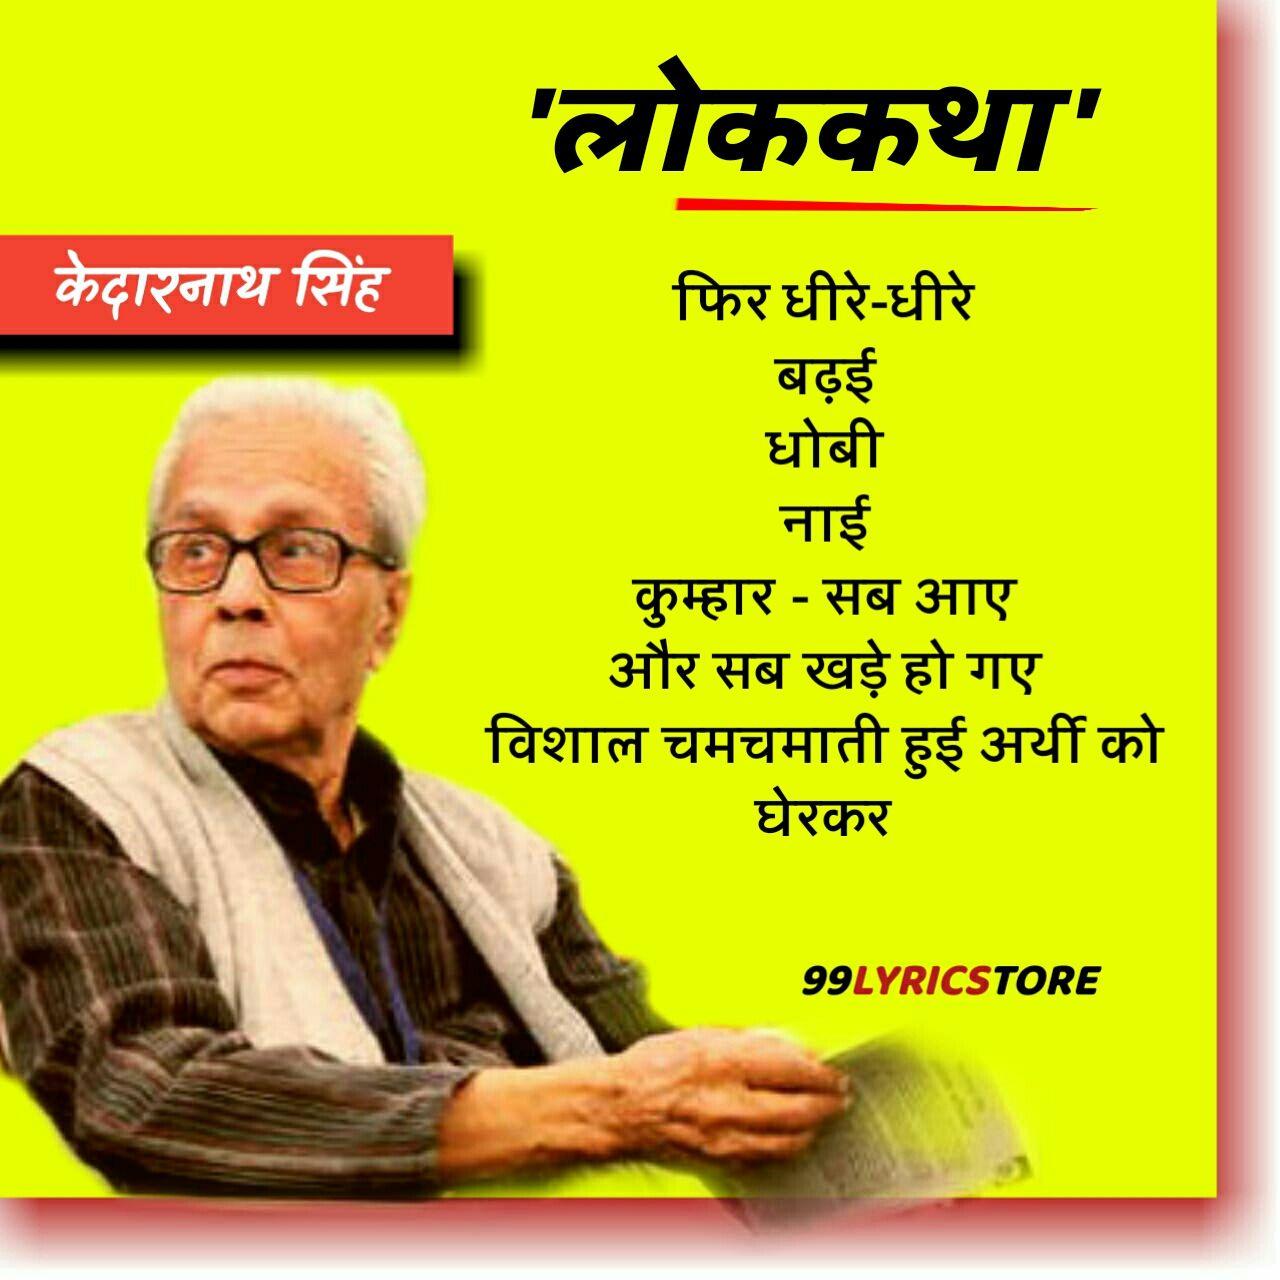 'लोककथा' कविता केदारनाथ सिंह जी द्वारा लिखी गई एक हिन्दी कविता है।